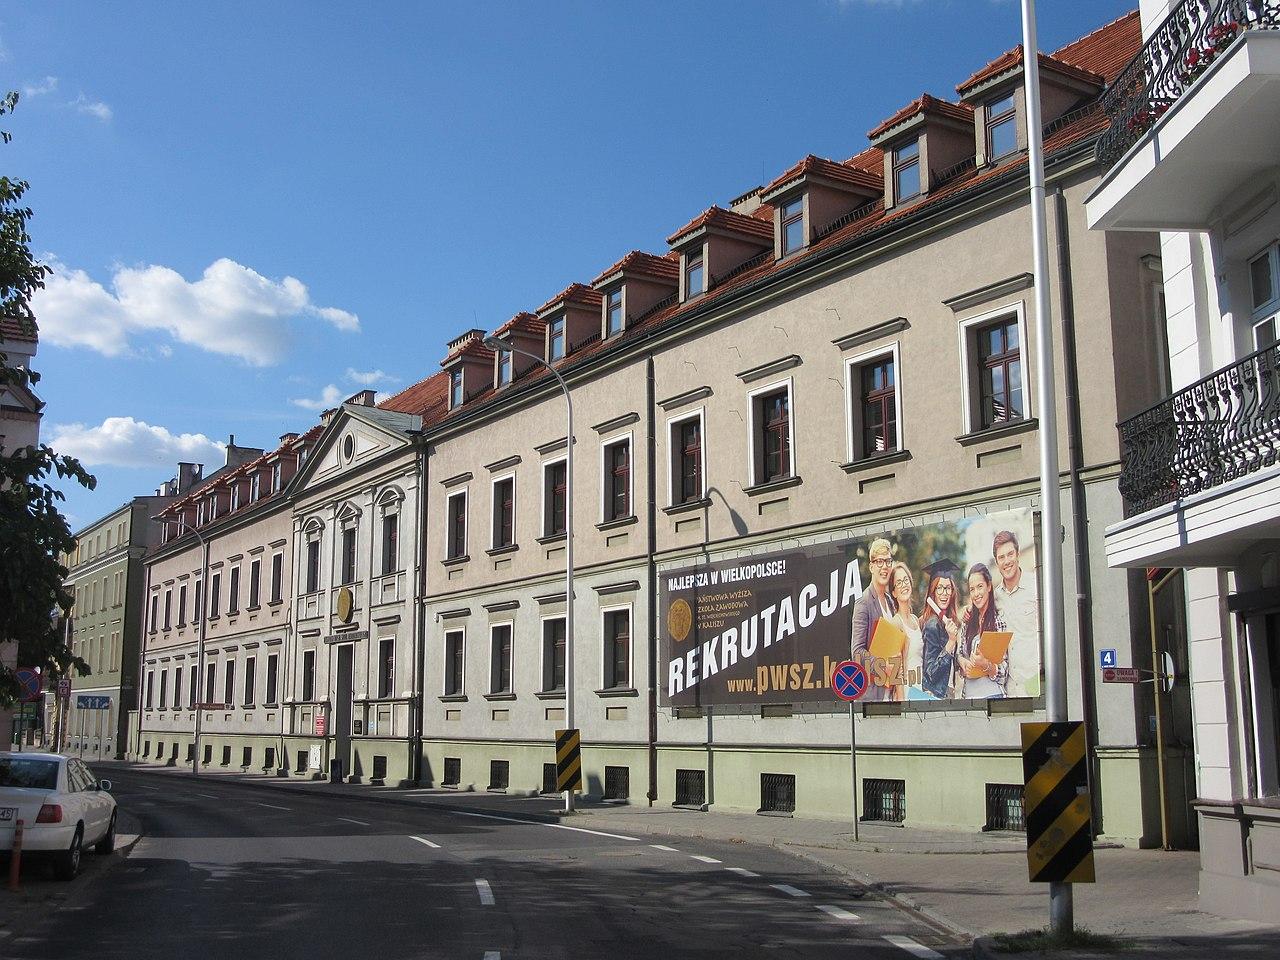 pwsz kalisz - Peżot - Praca własna, CC BY-SA 4.0, https://commons.wikimedia.org/w/index.php?curid=70881828